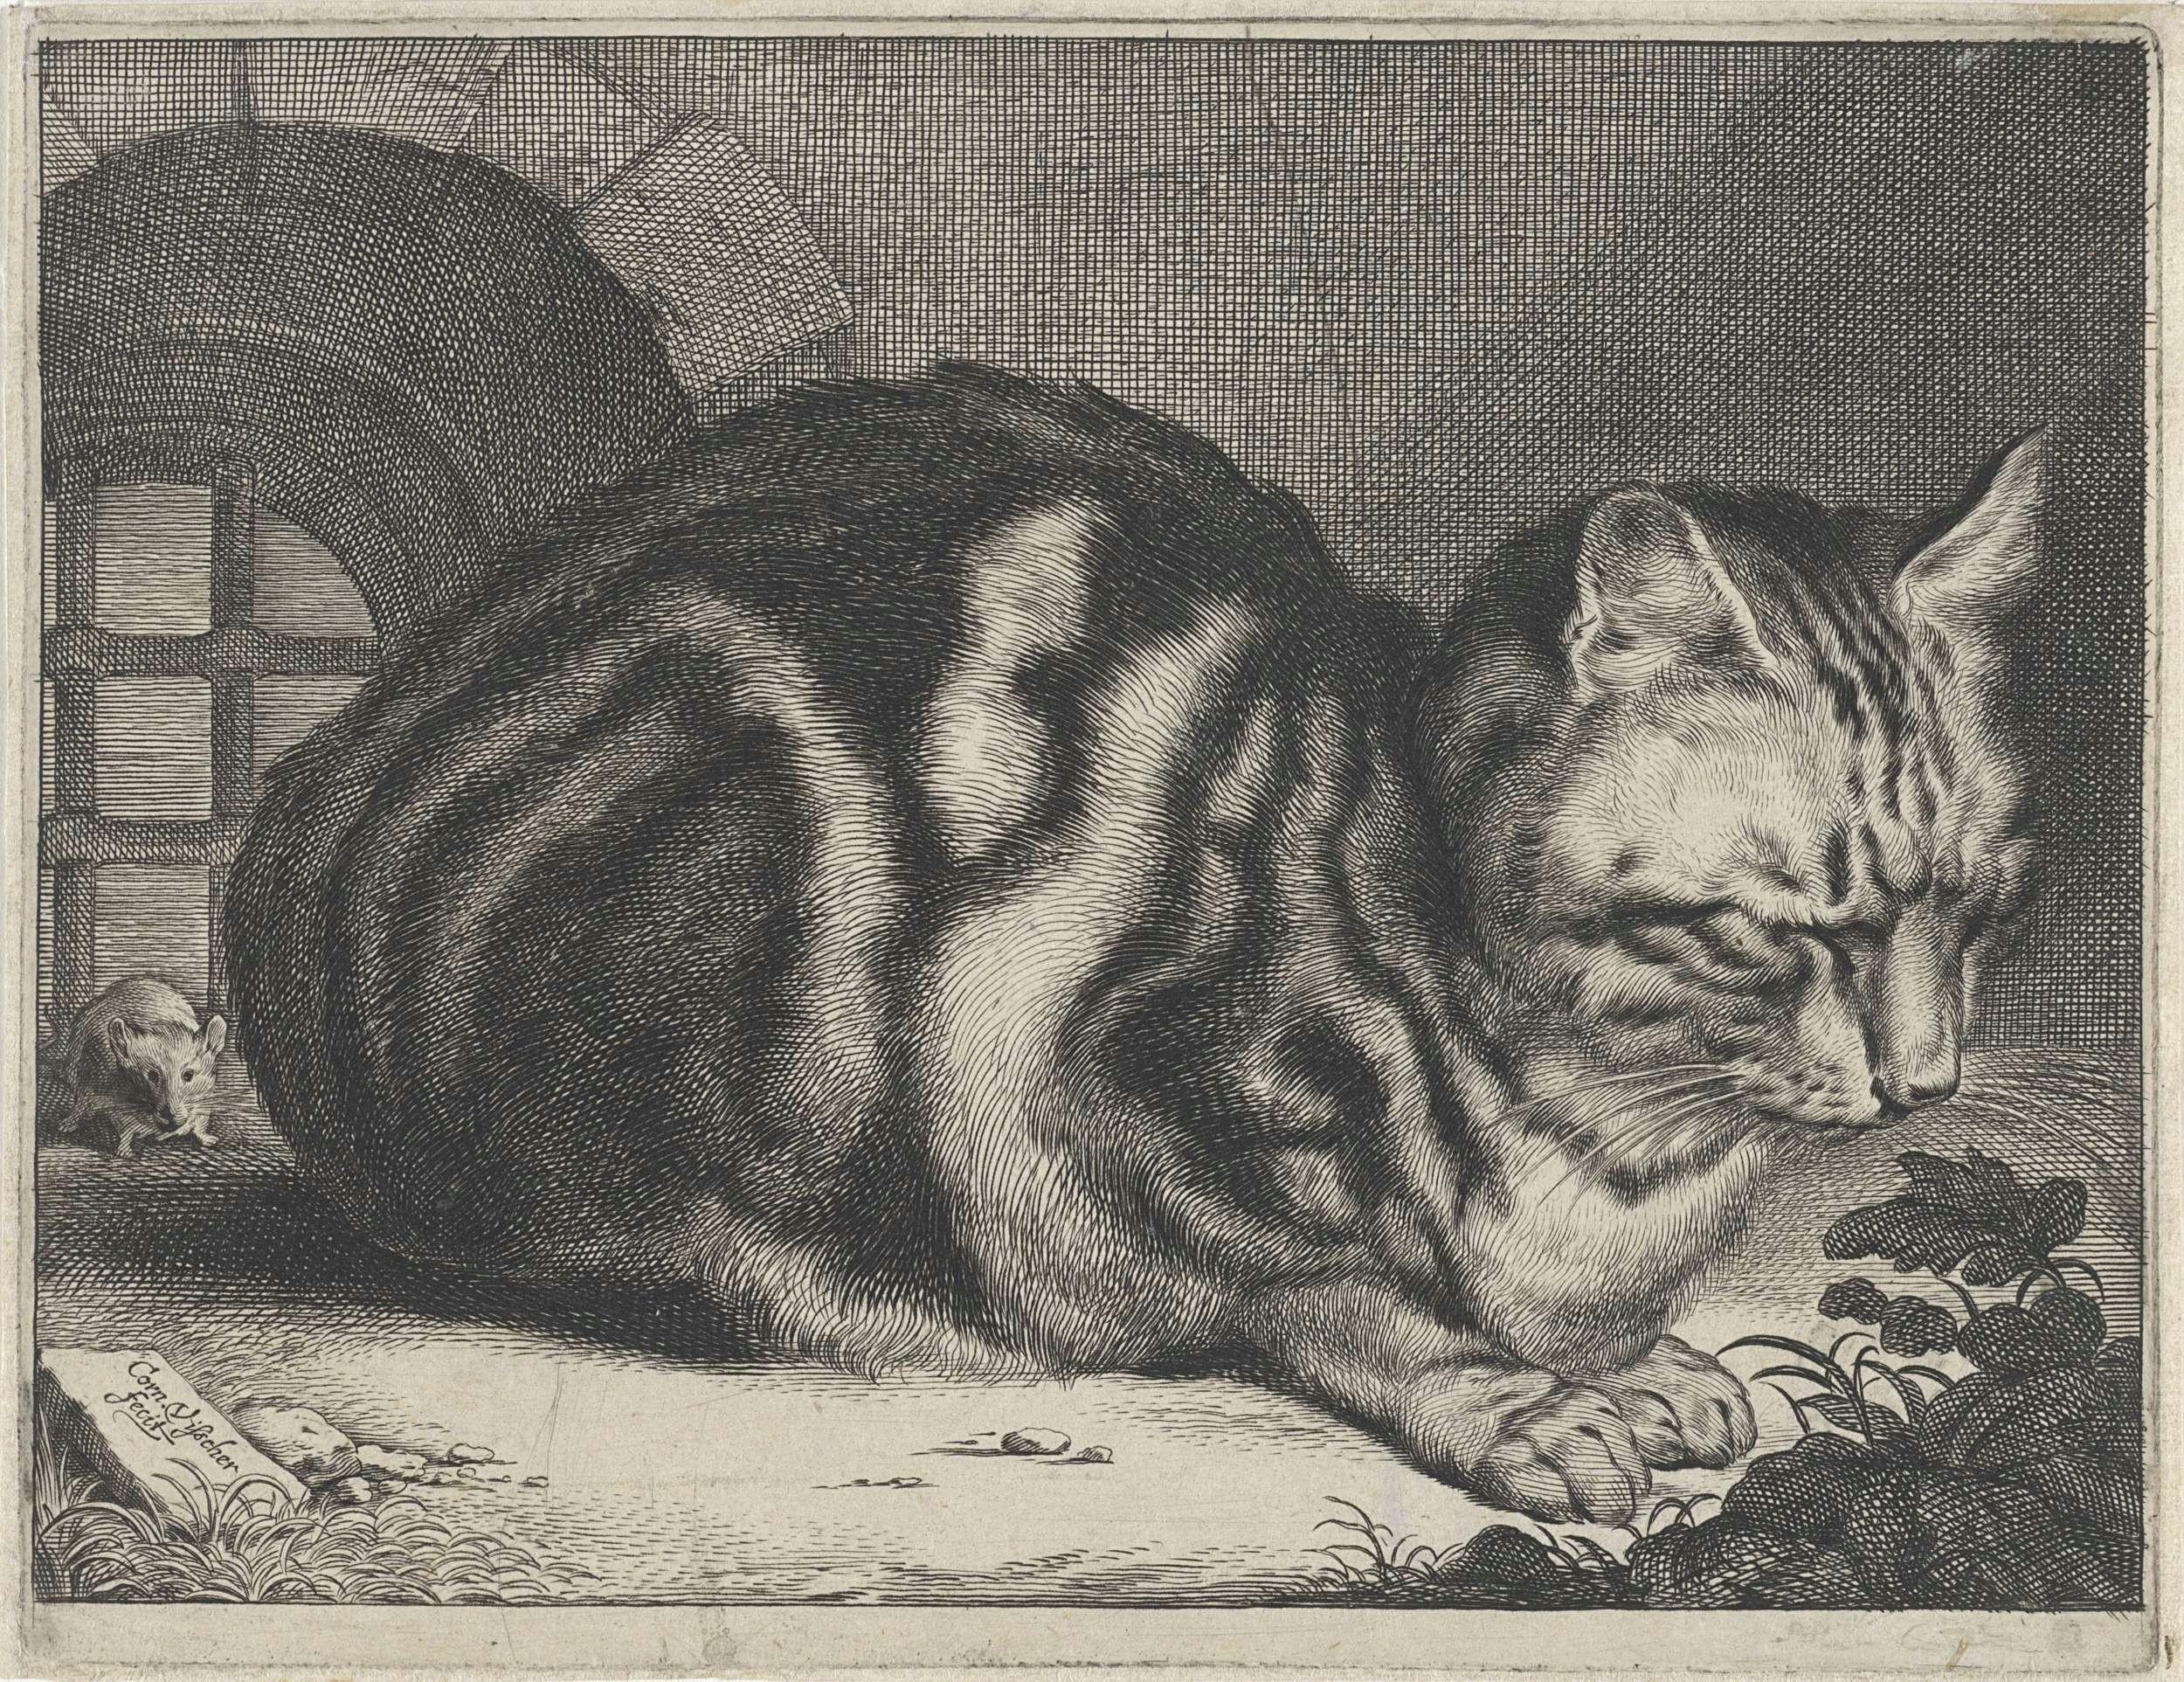 cornelis visscher ii the large cat cornelis visscher ii 1657 voor een raam met tralies zit een in elkaar gedoken kat achter de kat zit een muis